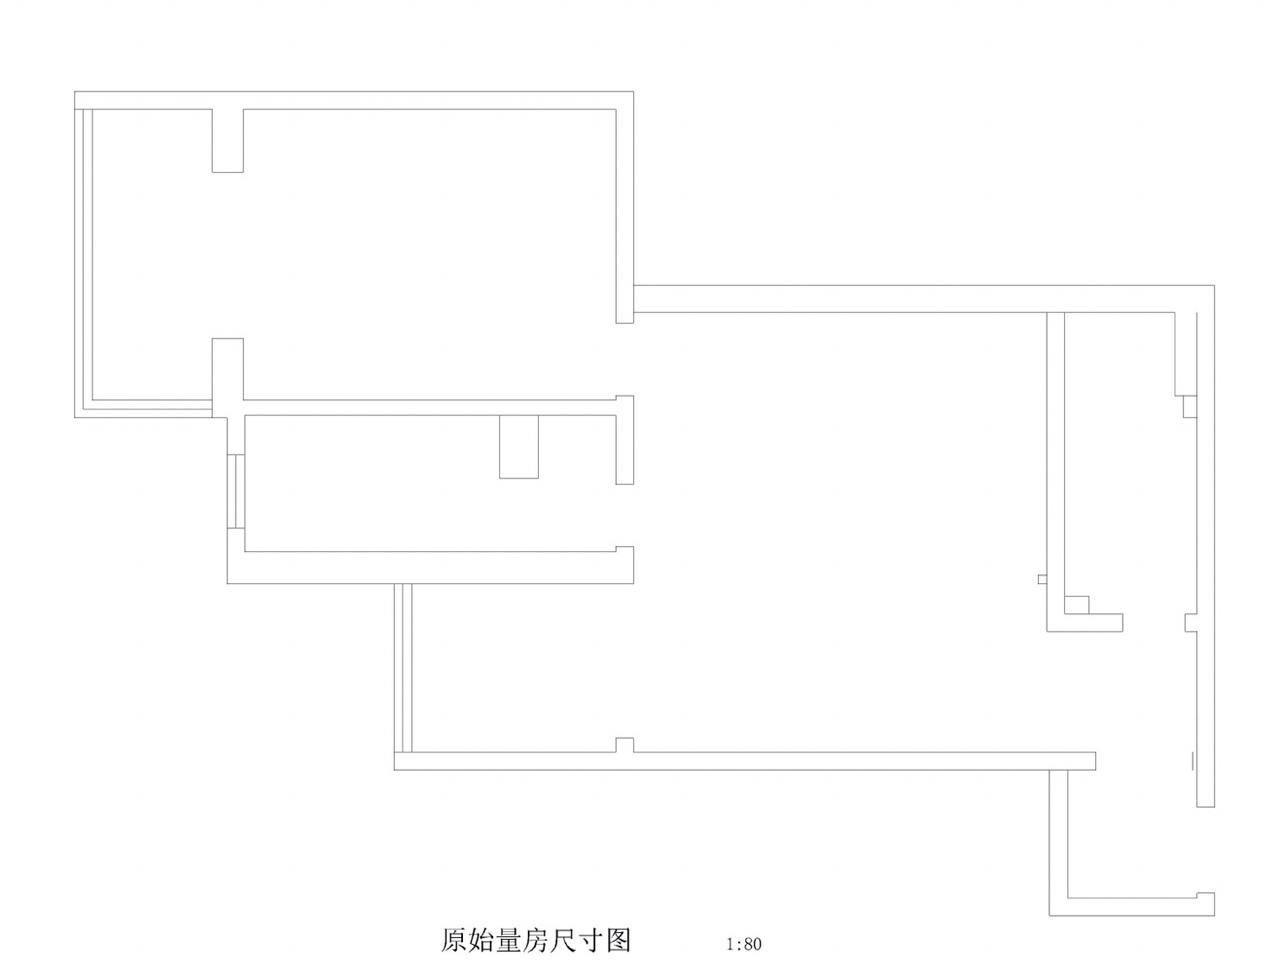 二居 美式 70平 户型图图片来自思雨易居设计在《雅舍》北京70平2居美式实景的分享